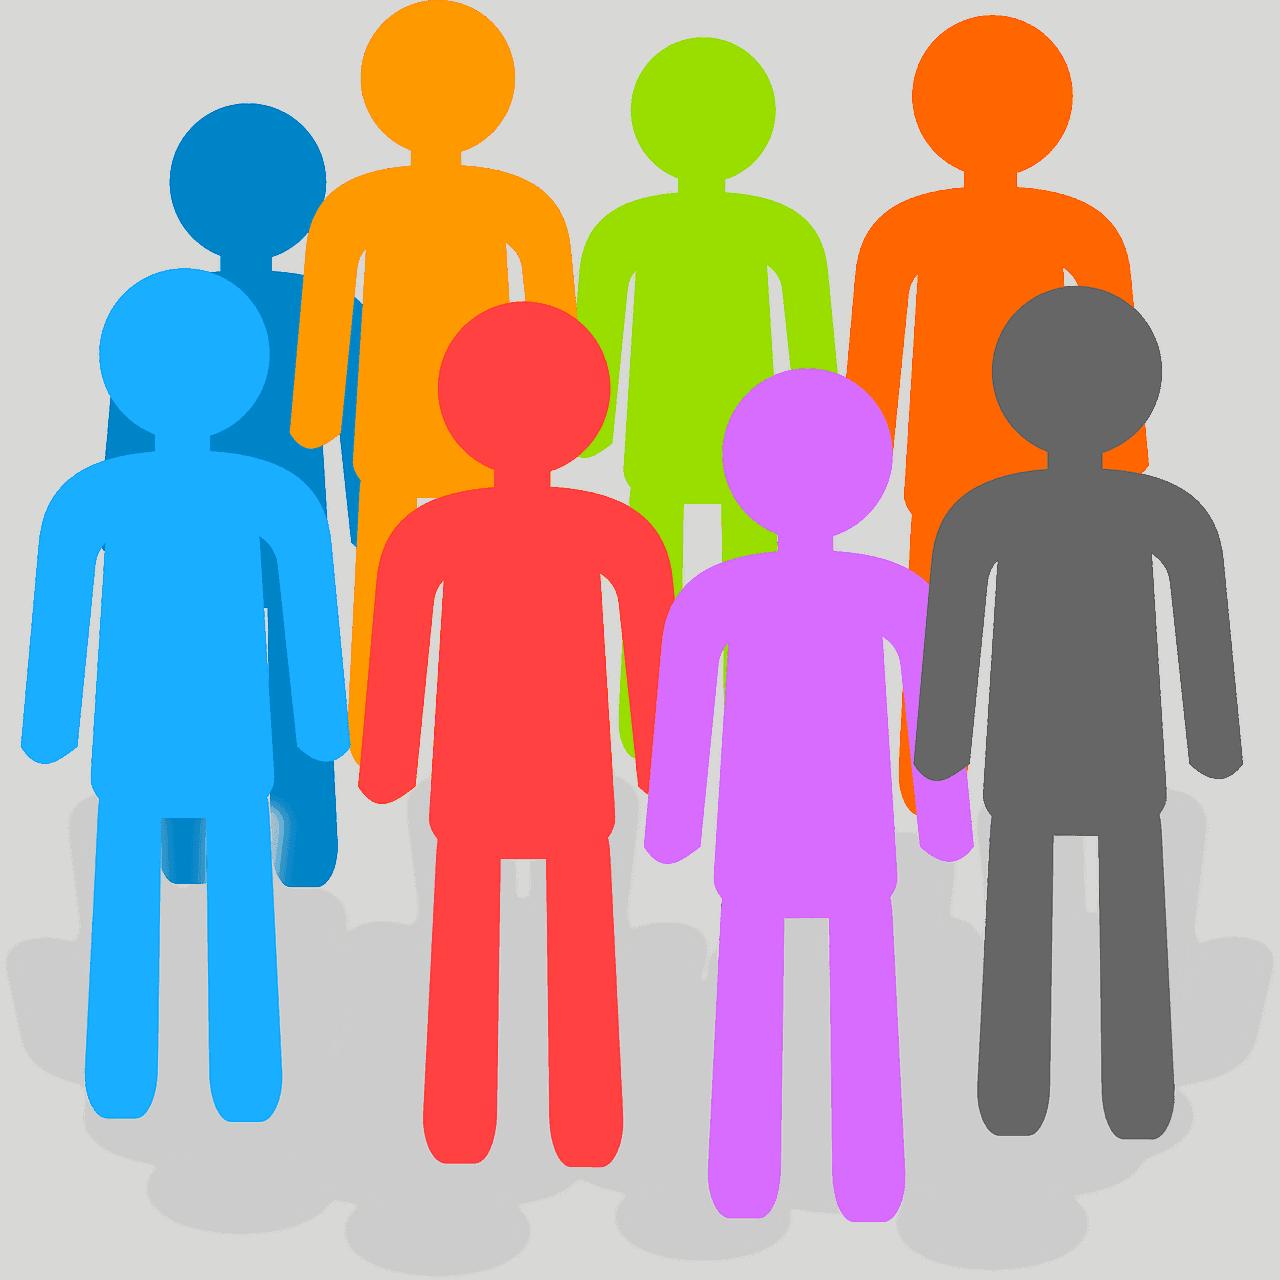 איור של קבוצת אנשים מאוגדים